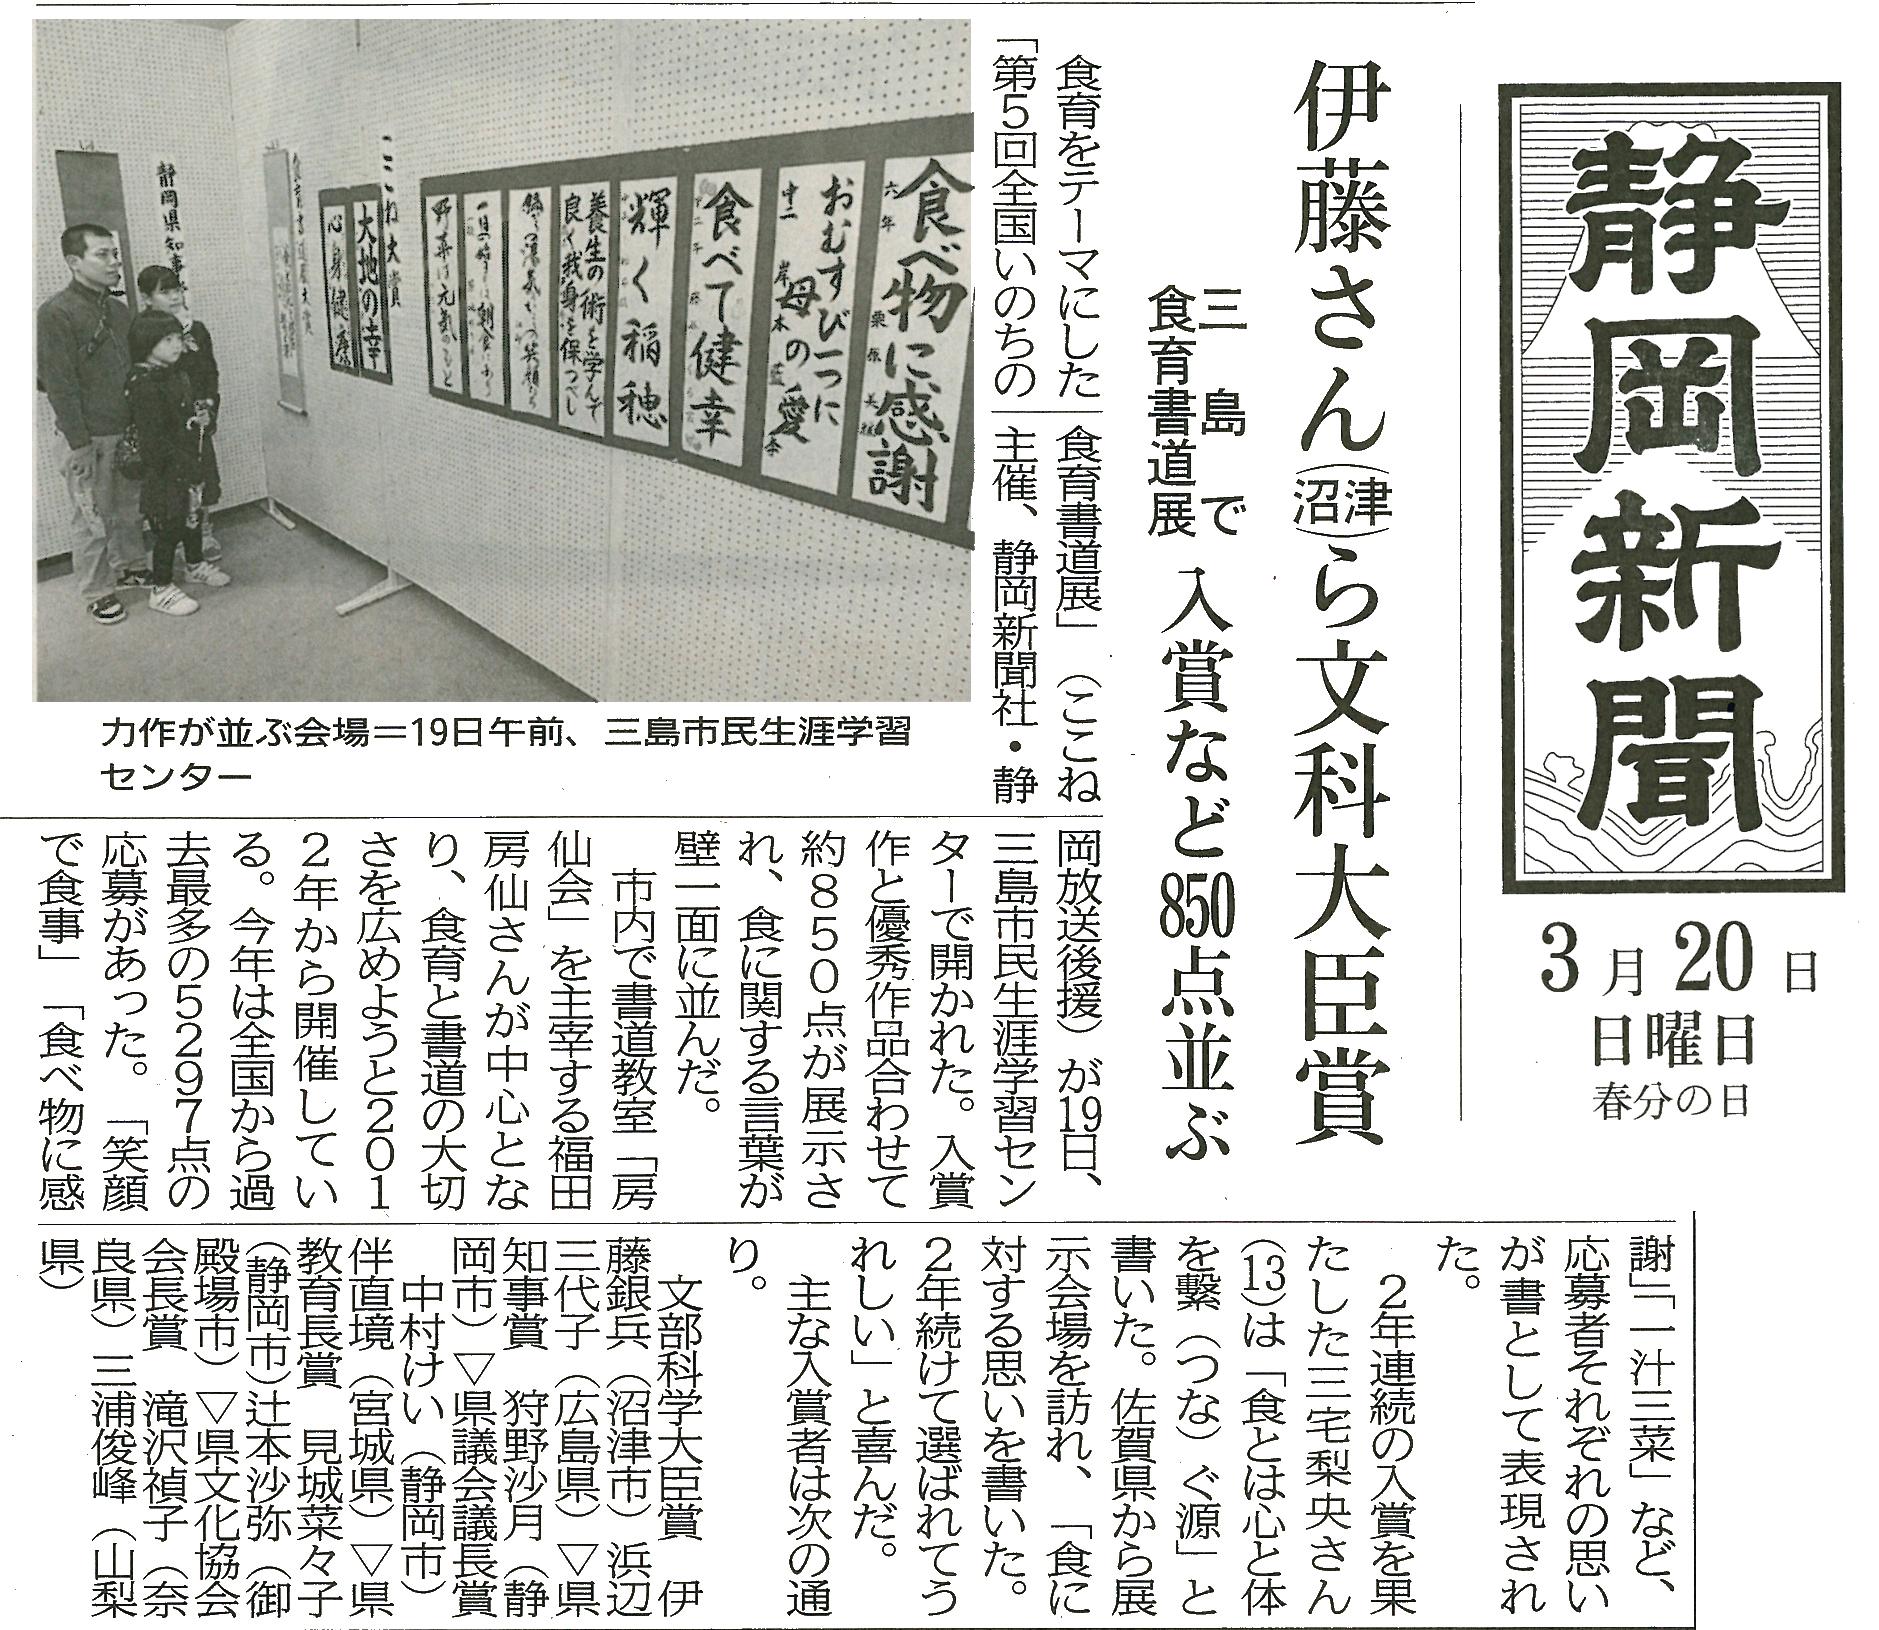 2016.3.19静岡新聞